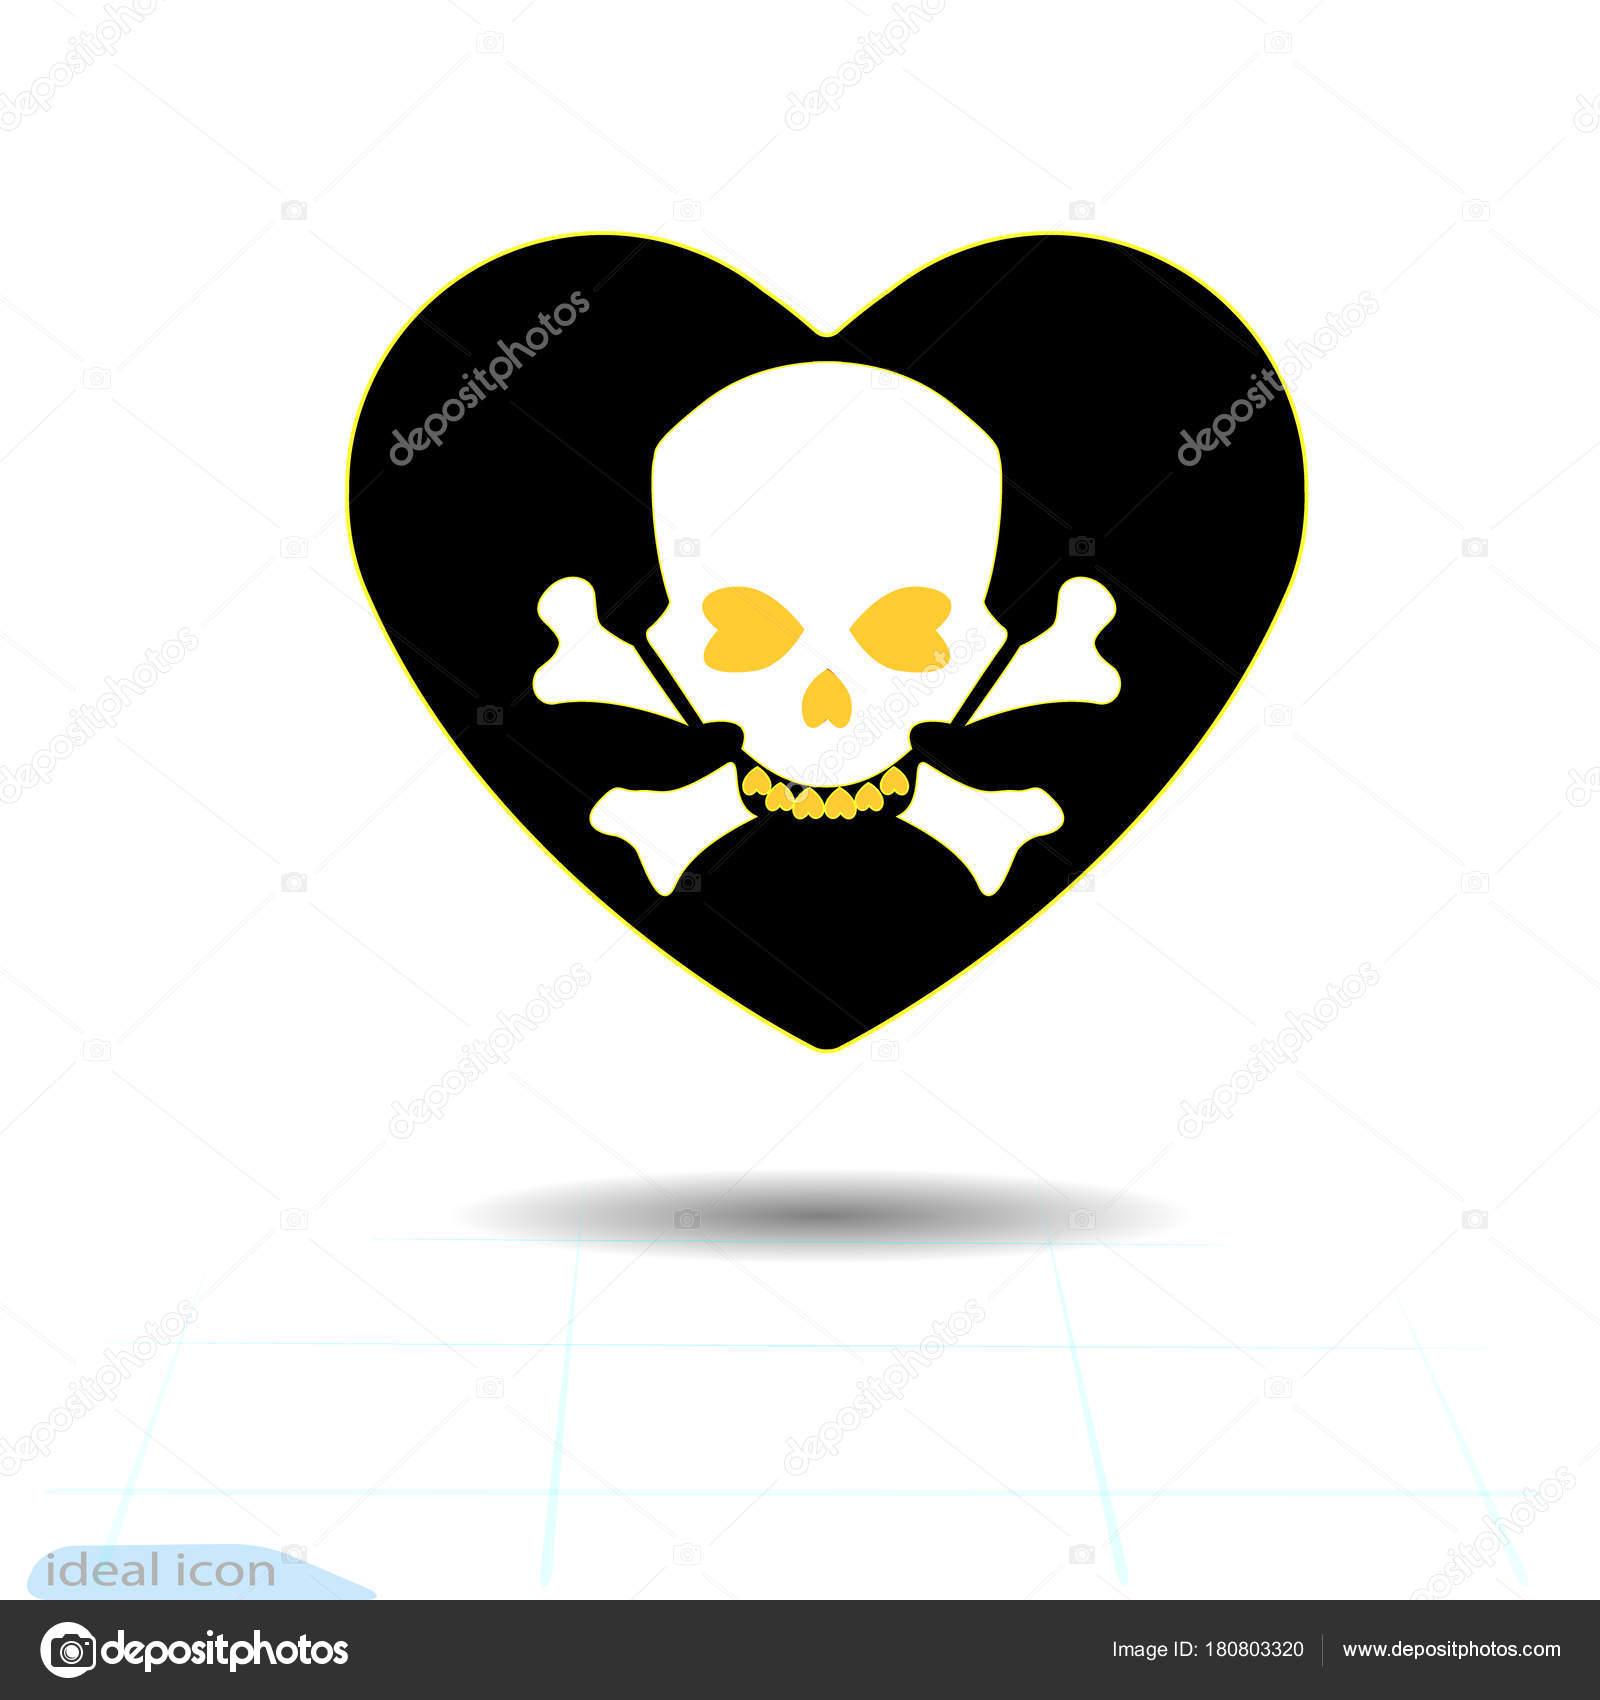 Herz-Symbol. Ein Symbol der Liebe. Valentinstag-s mit dem Zeichen ...